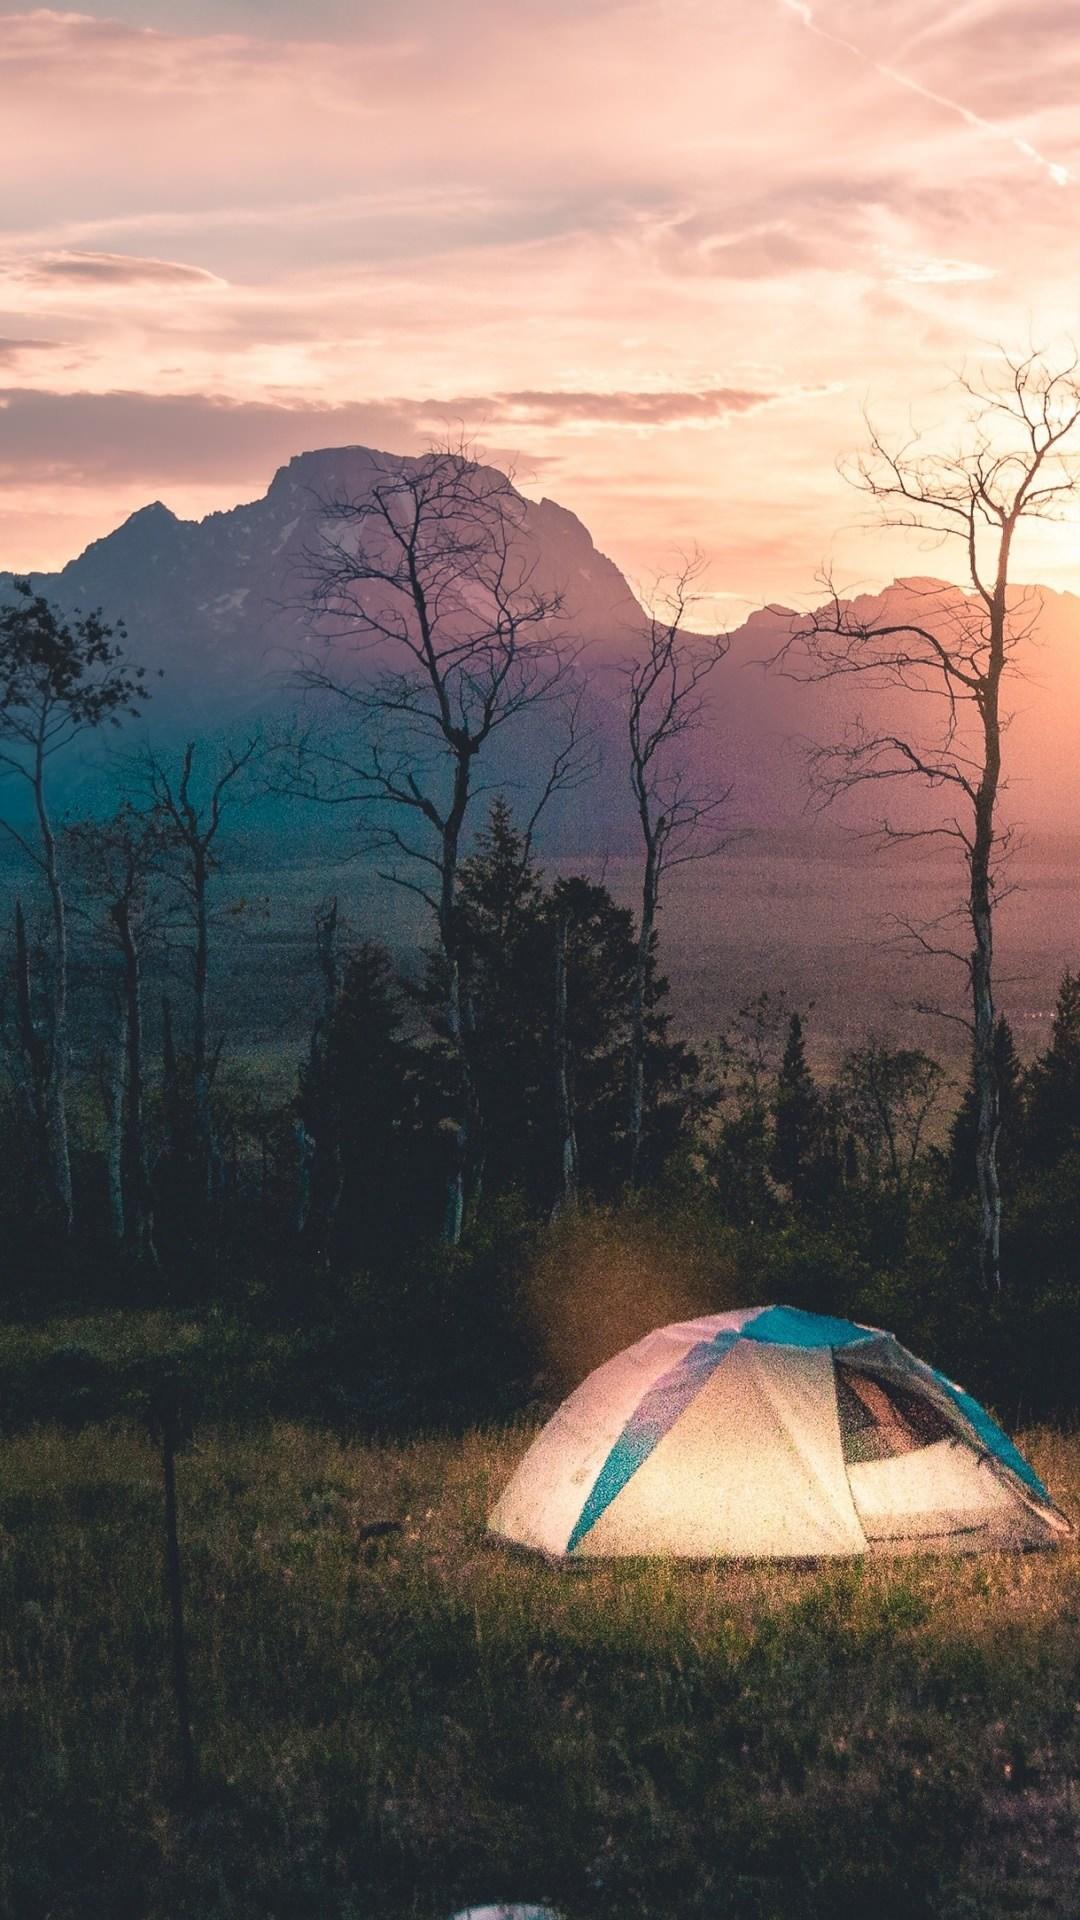 fondo para celular de atardecer acampando